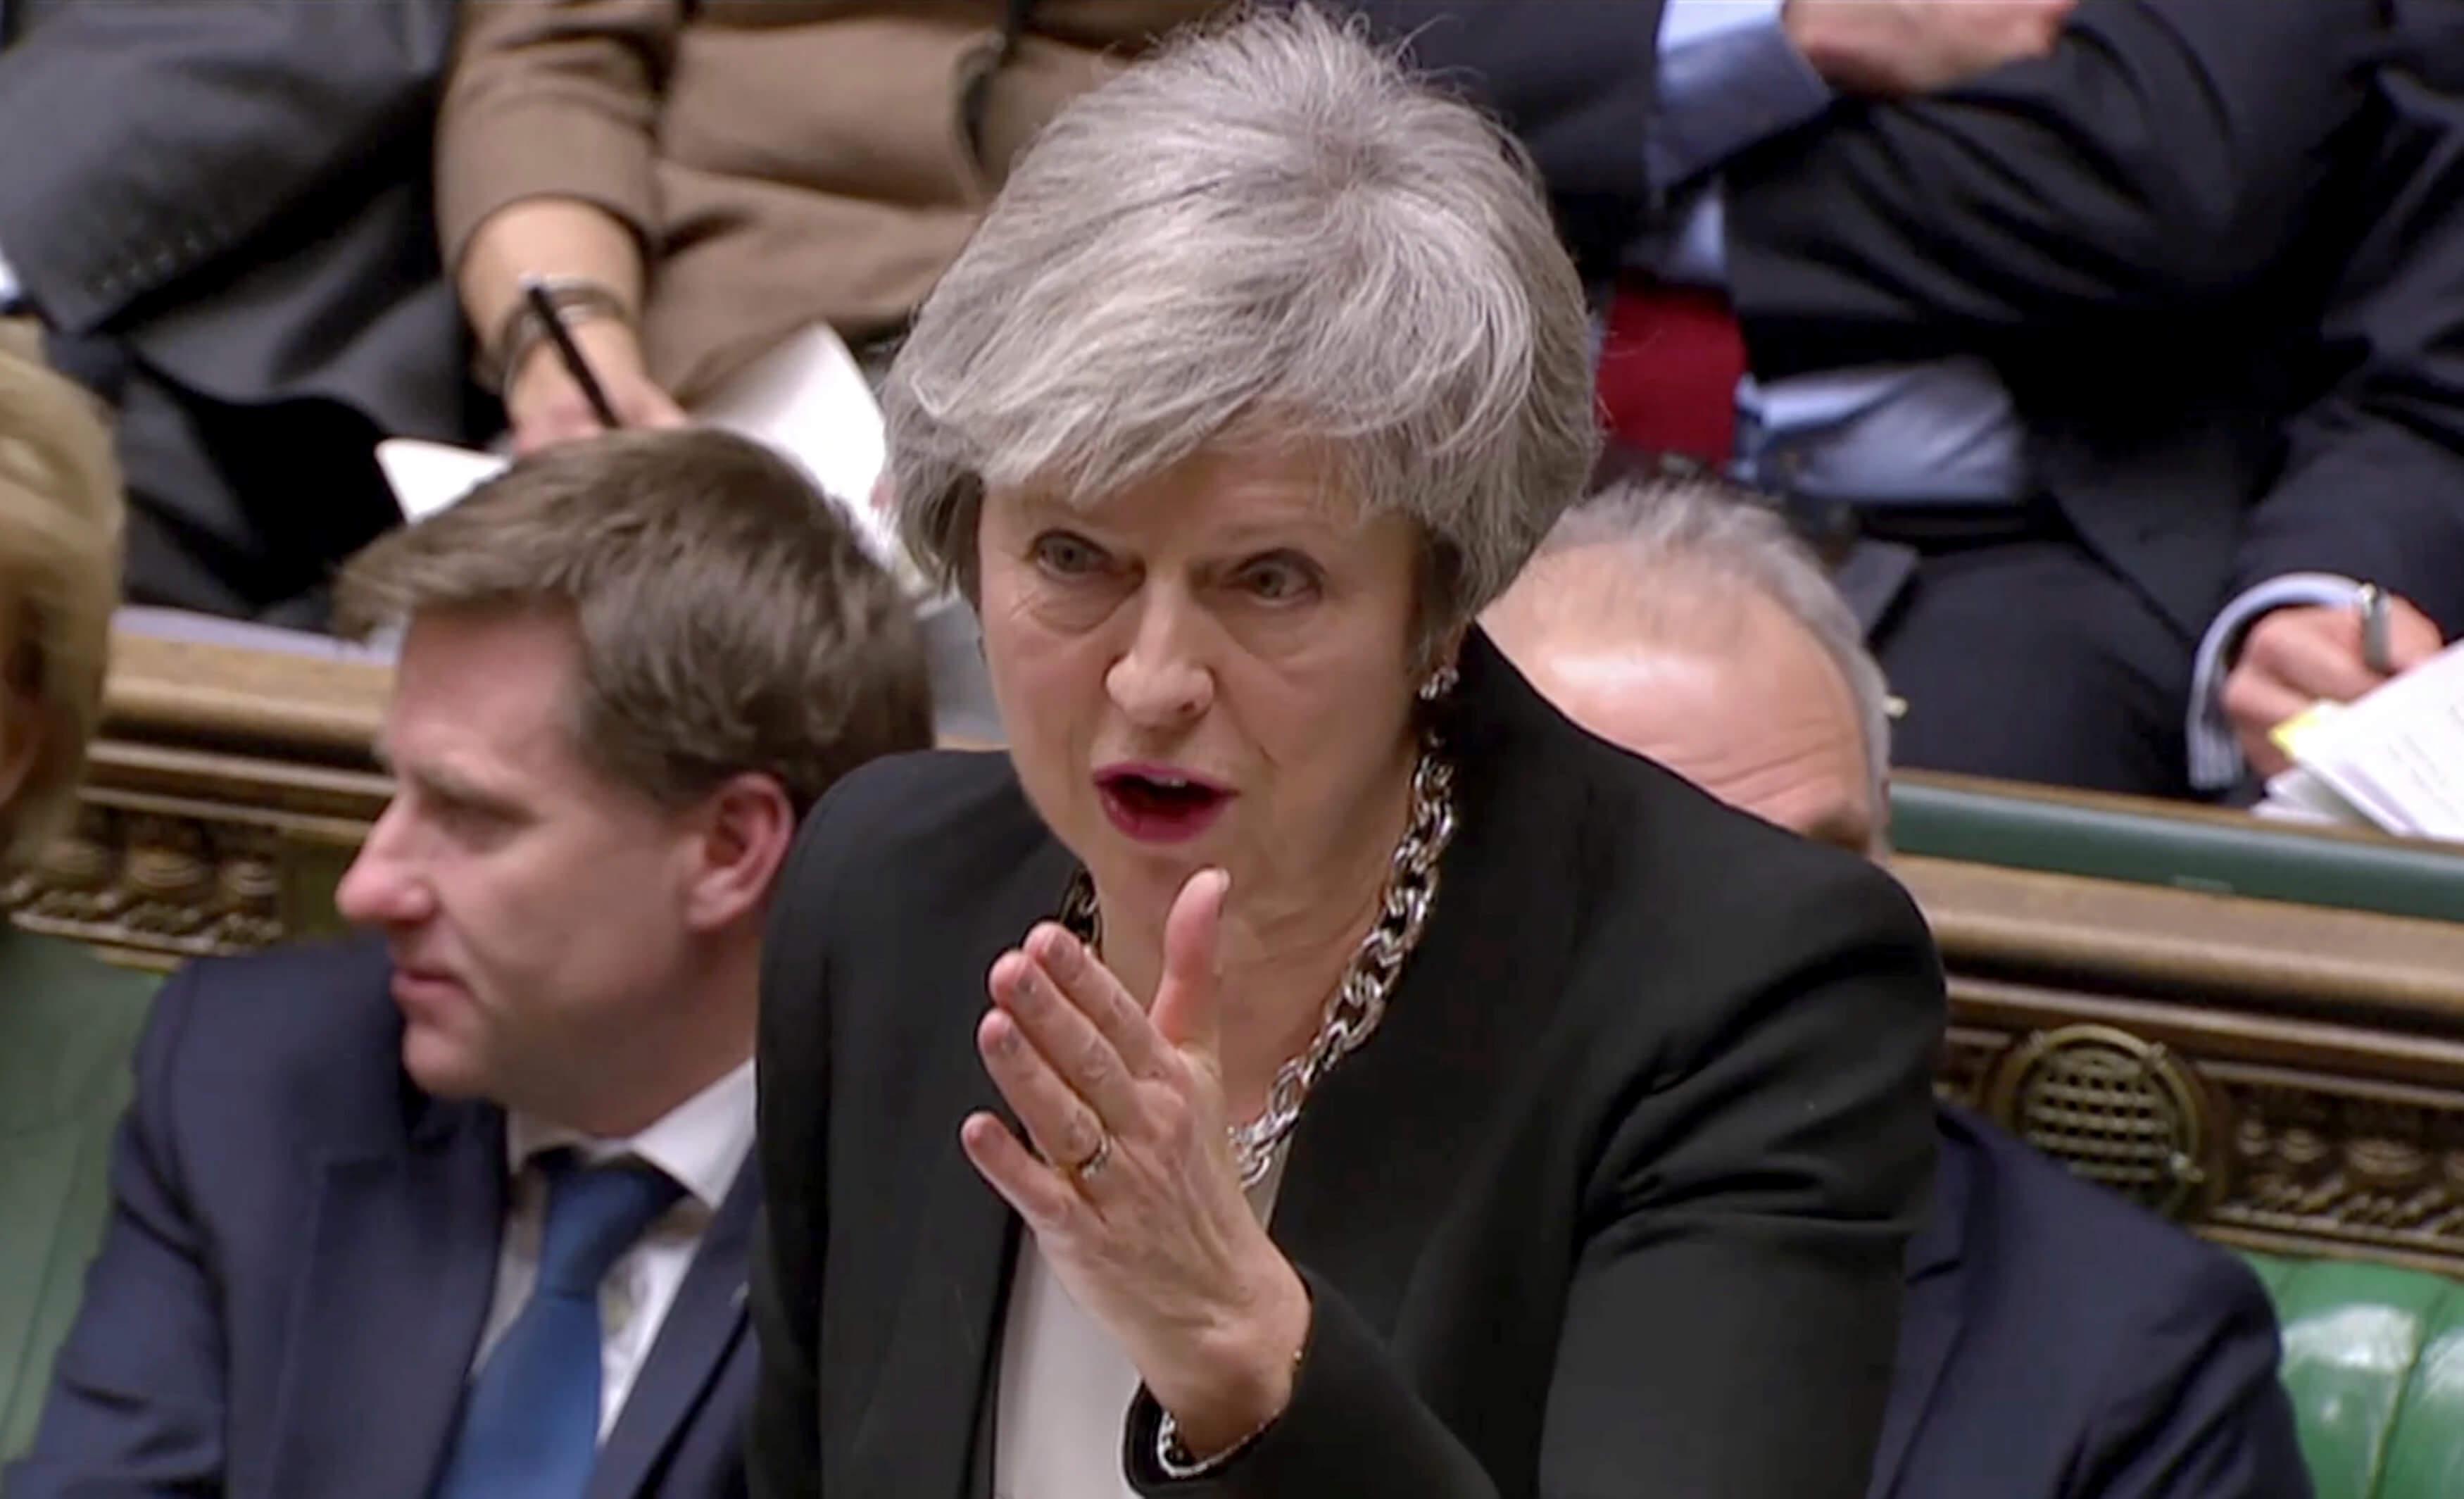 Μέι: Να στείλουμε μήνυμα στην ΕΕ για το τι συμφωνία θέλουμε για το Brexit